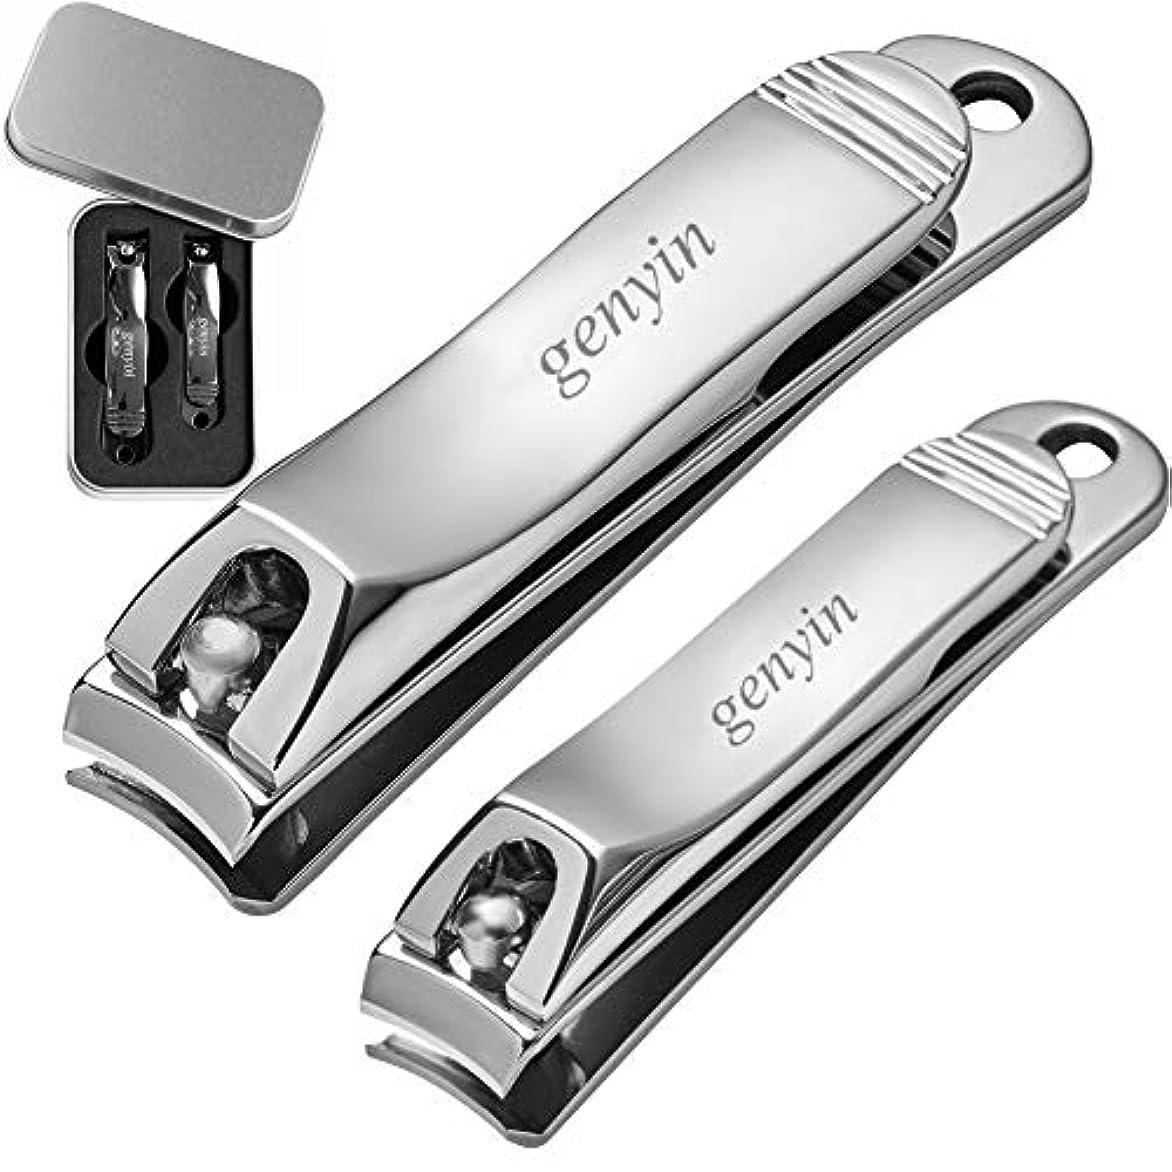 スーダン原因過敏なgenyin 爪切り つめきり ツメキリ 爪やすり 高級ステンレス鋼製 収納ケース付き 2本セット